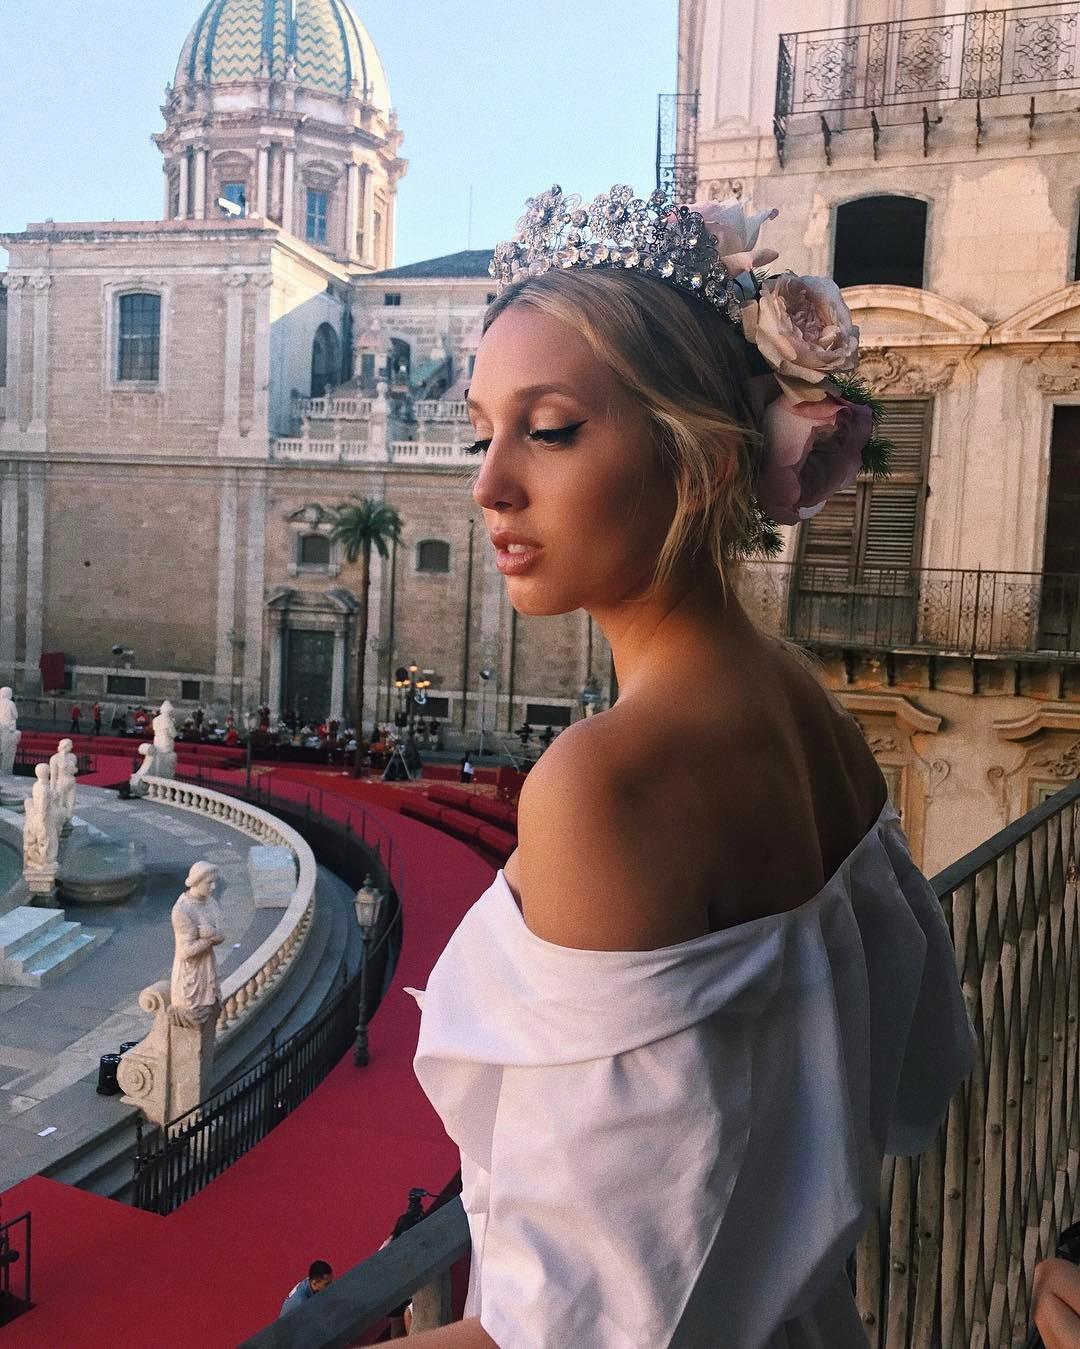 Công chúa từng vướng tin đồn tình cảm với hoàng tử Harry: Xinh đẹp, gợi cảm, cao 1m65 vẫn khiến các nhà mốt lớn khao khát - Ảnh 1.